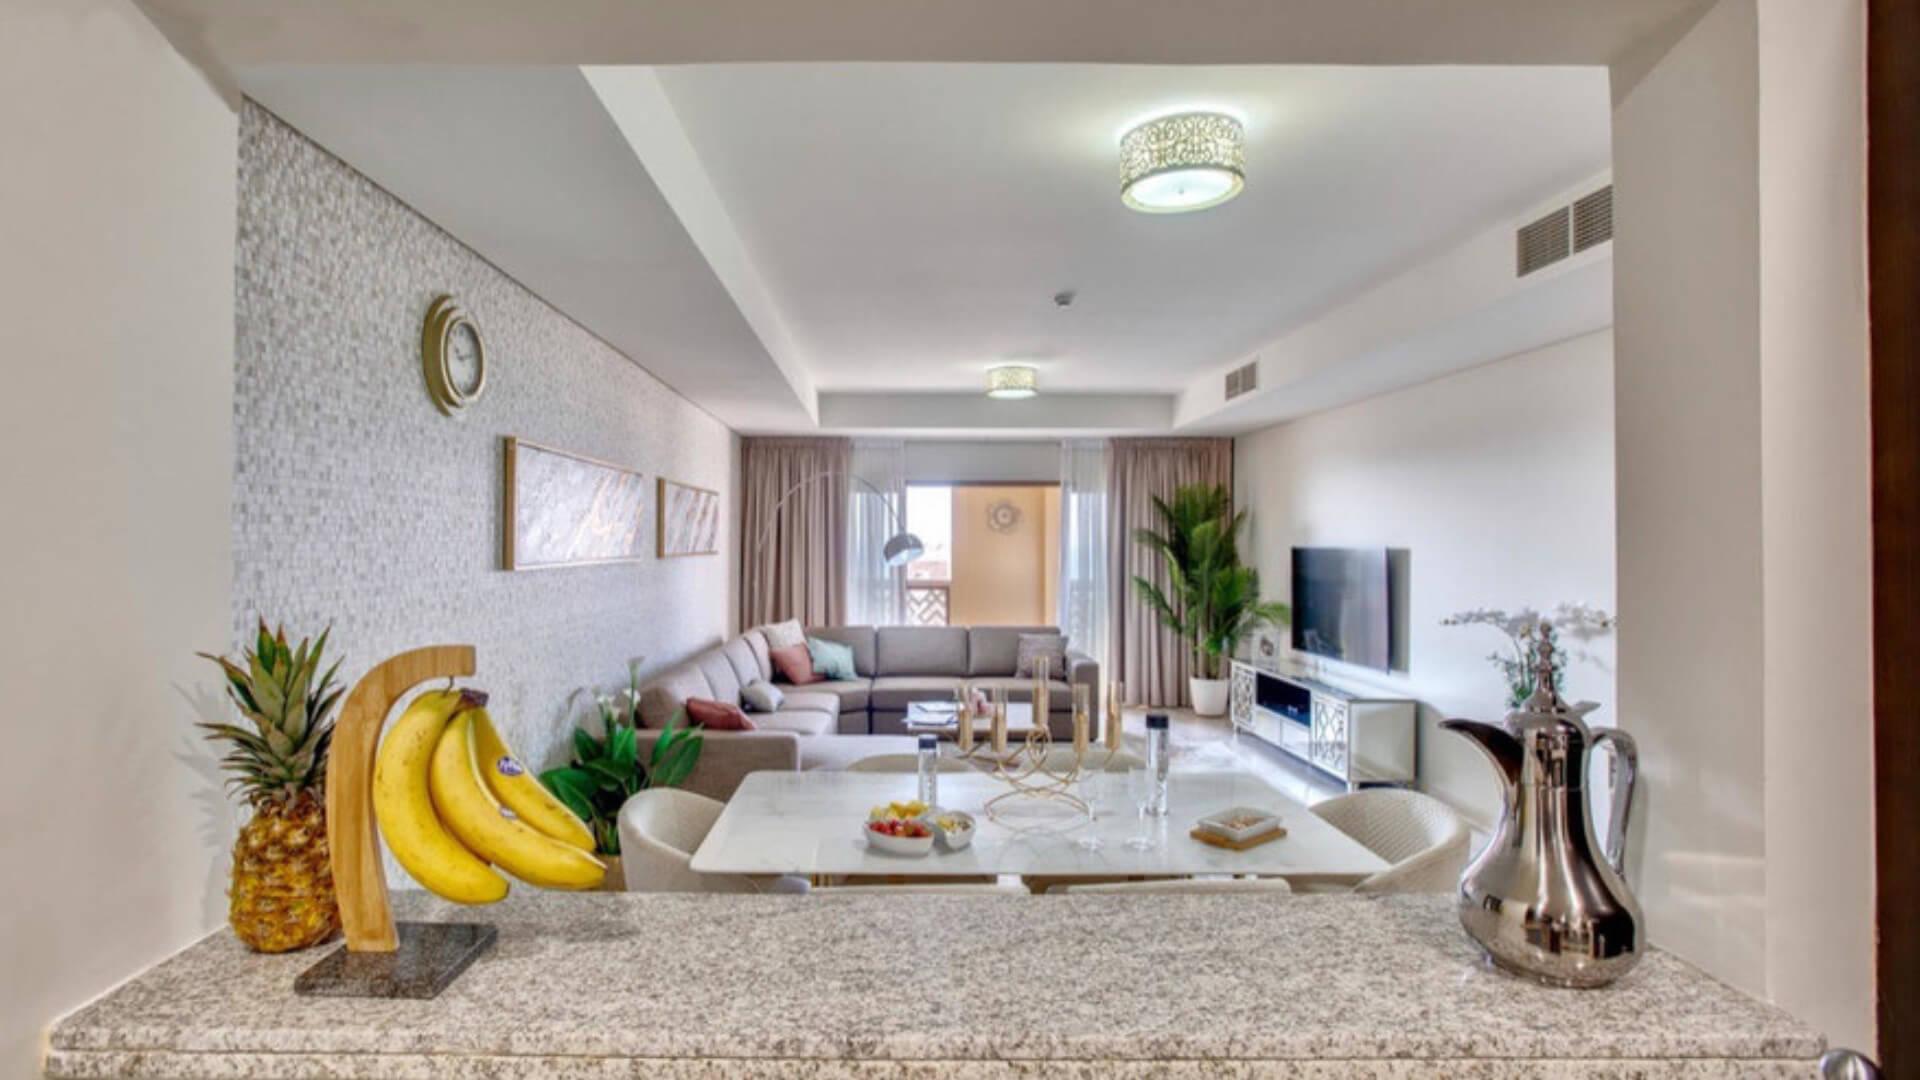 Villa en venta en Dubai, EAU, 6 dormitorios, 1298 m2, № 24473 – foto 4